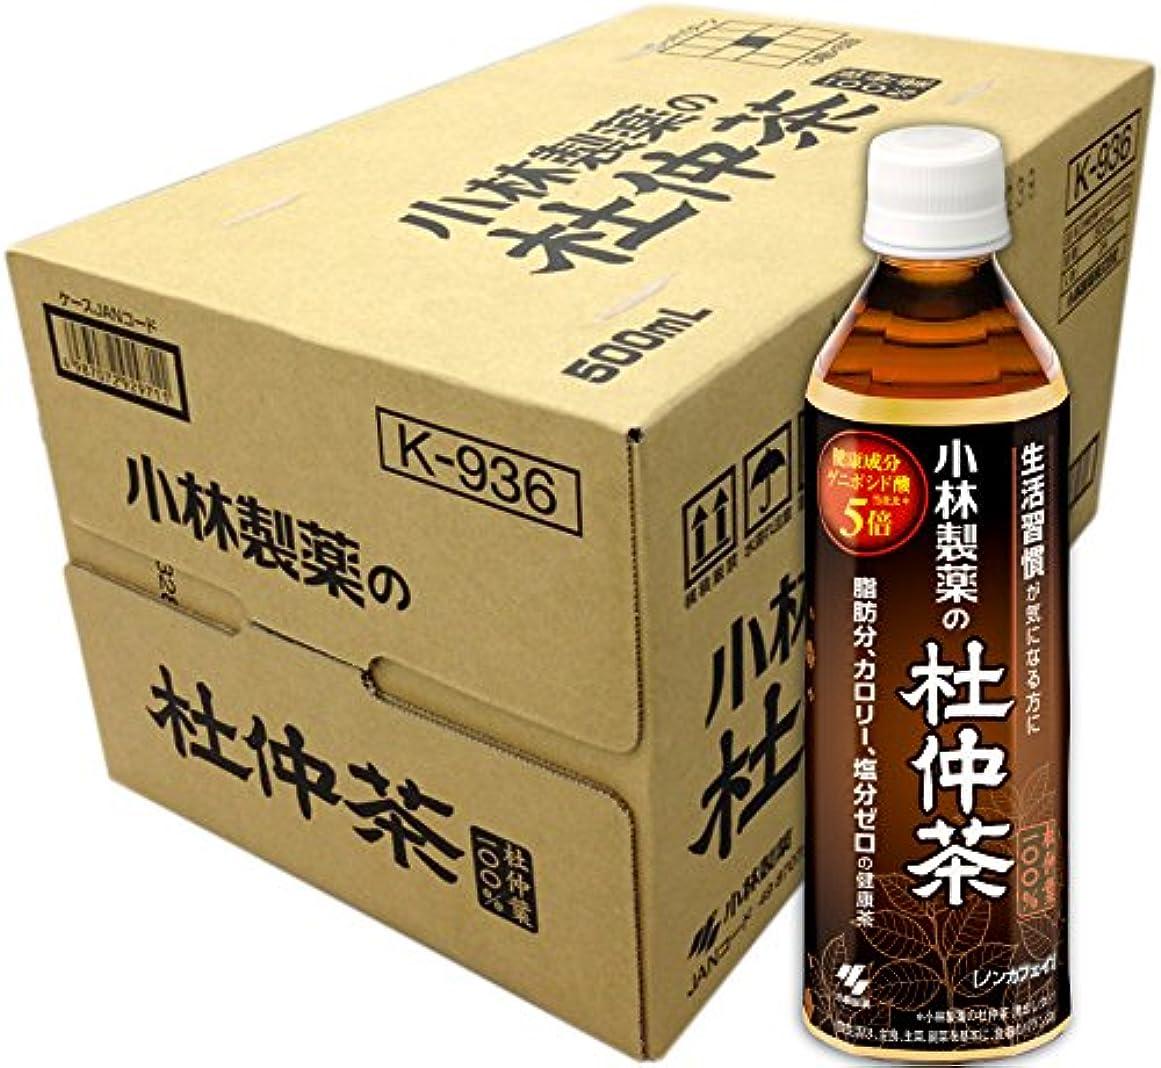 のりケイ素ウッズ【ケース販売】 小林製薬の杜仲茶 (ペットボトル) 500mL×24本